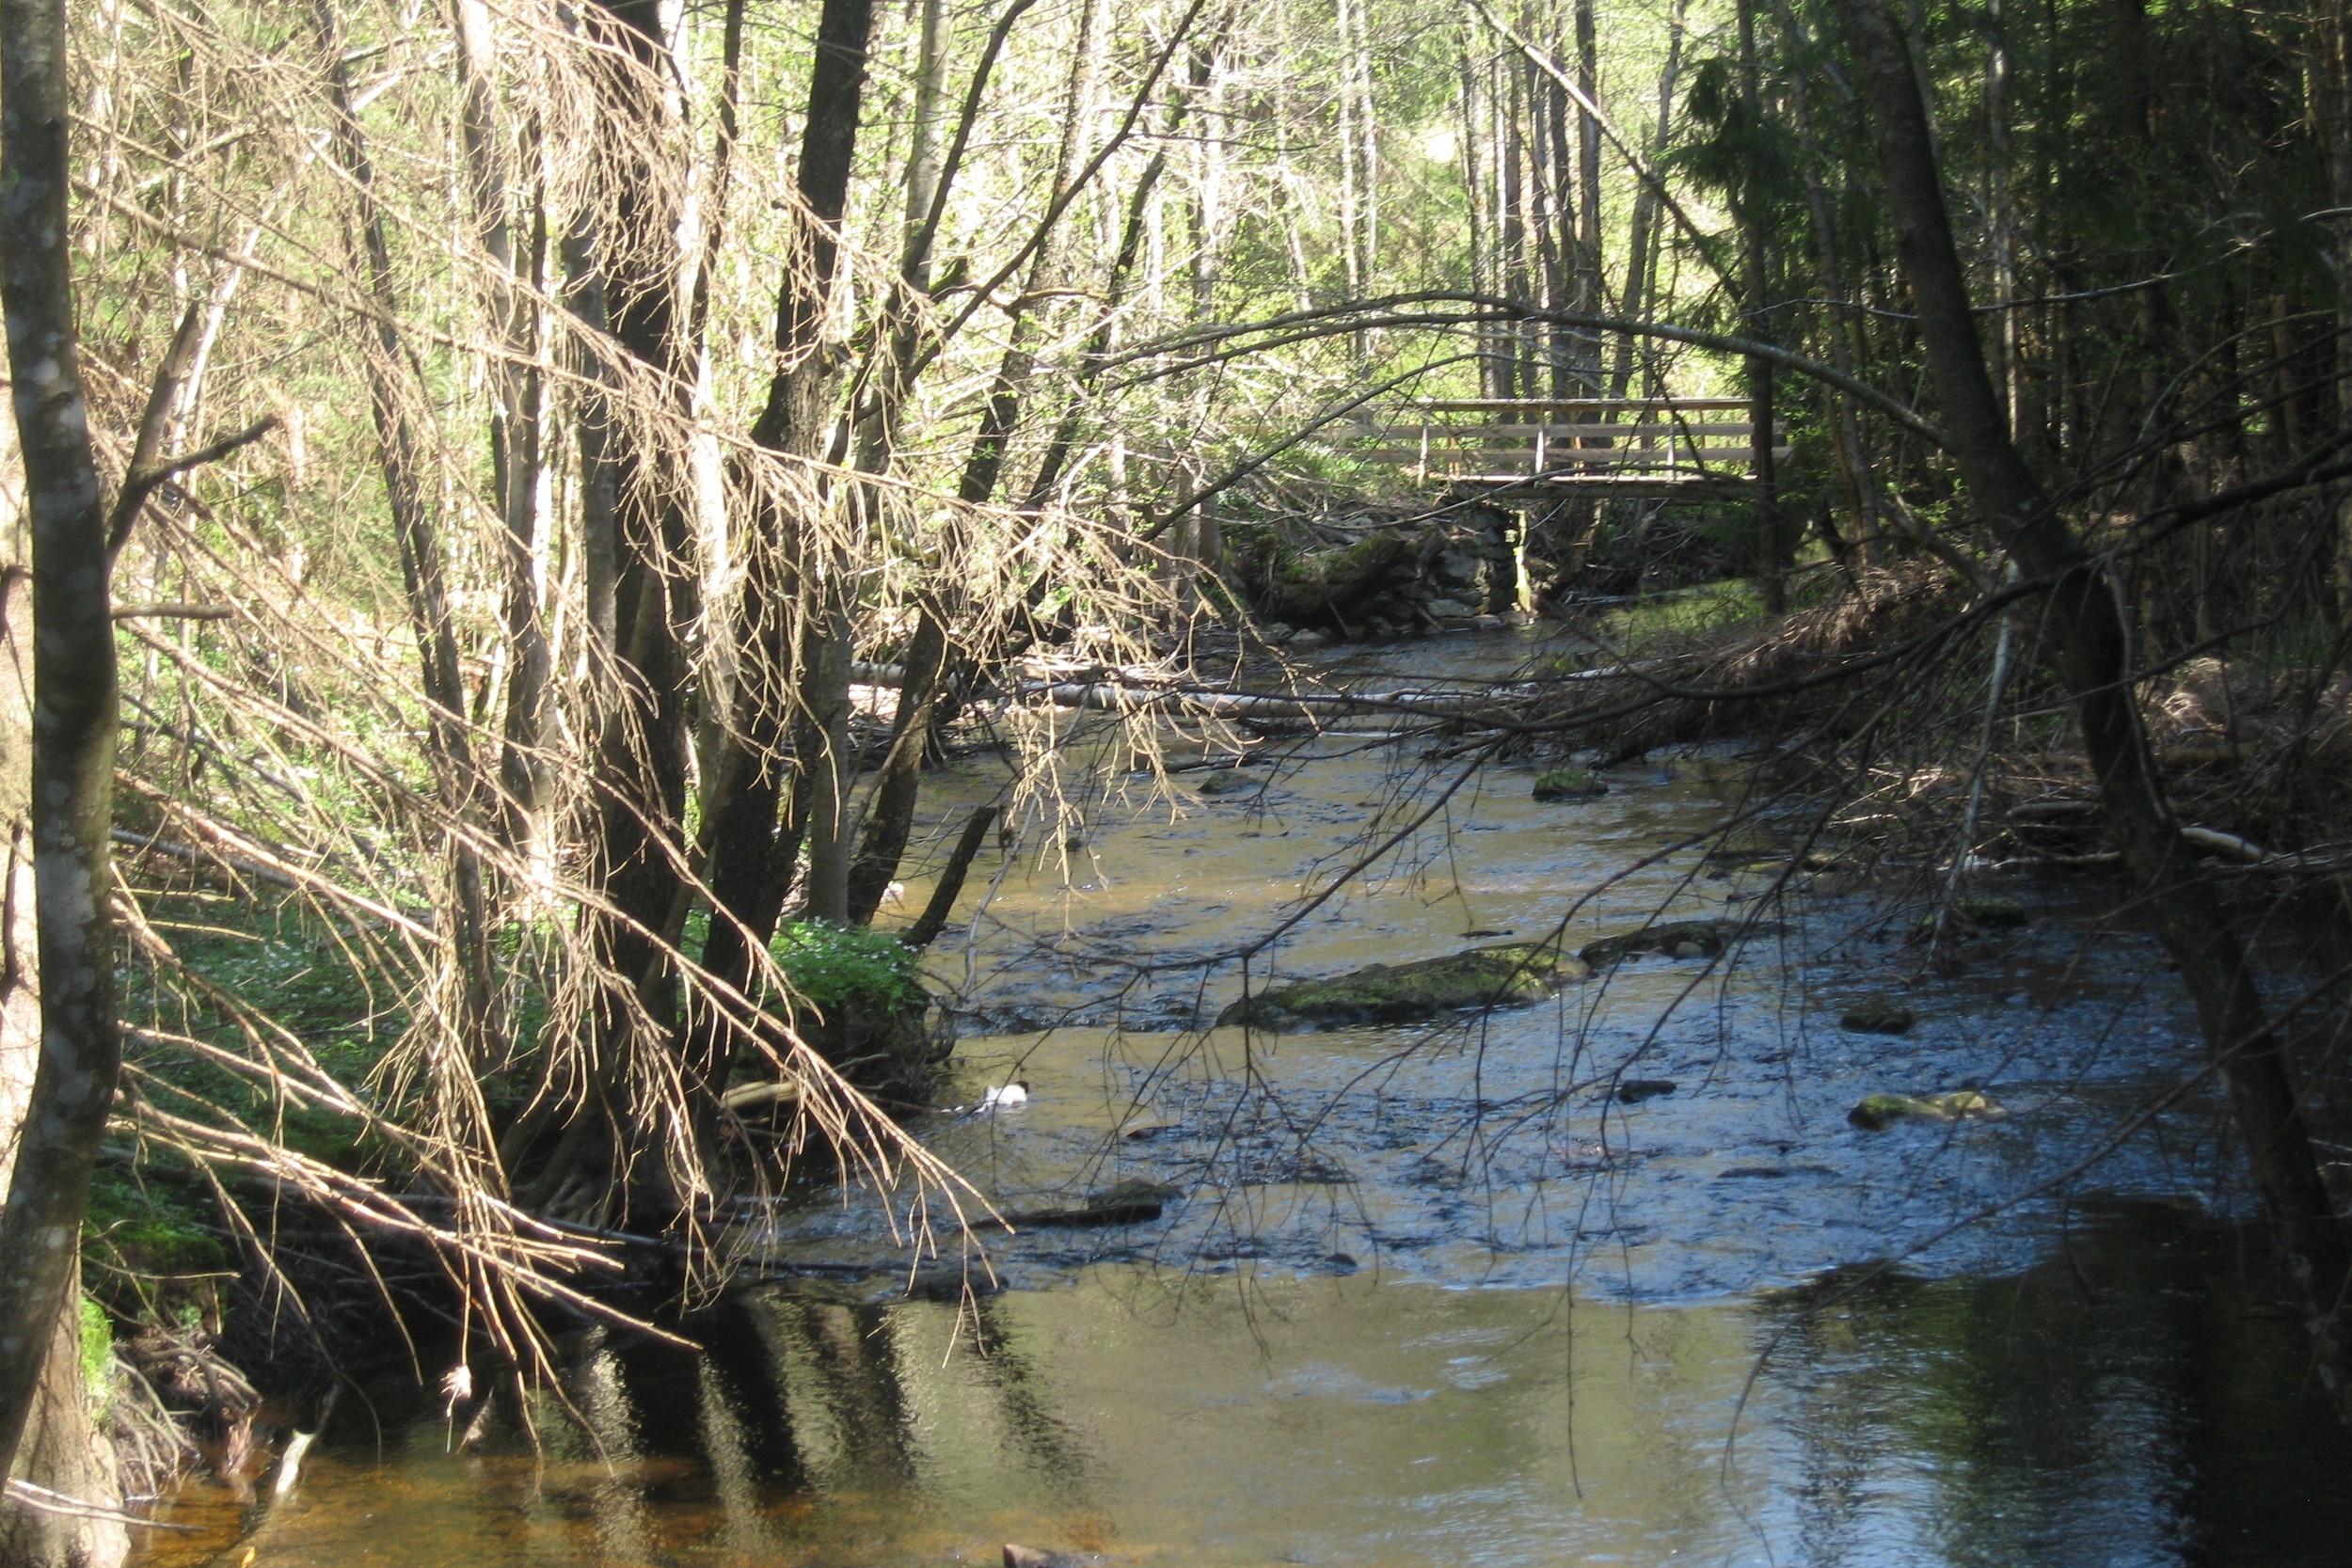 Bekkedrag og elvestryk gir opplevelser og lyden av vann